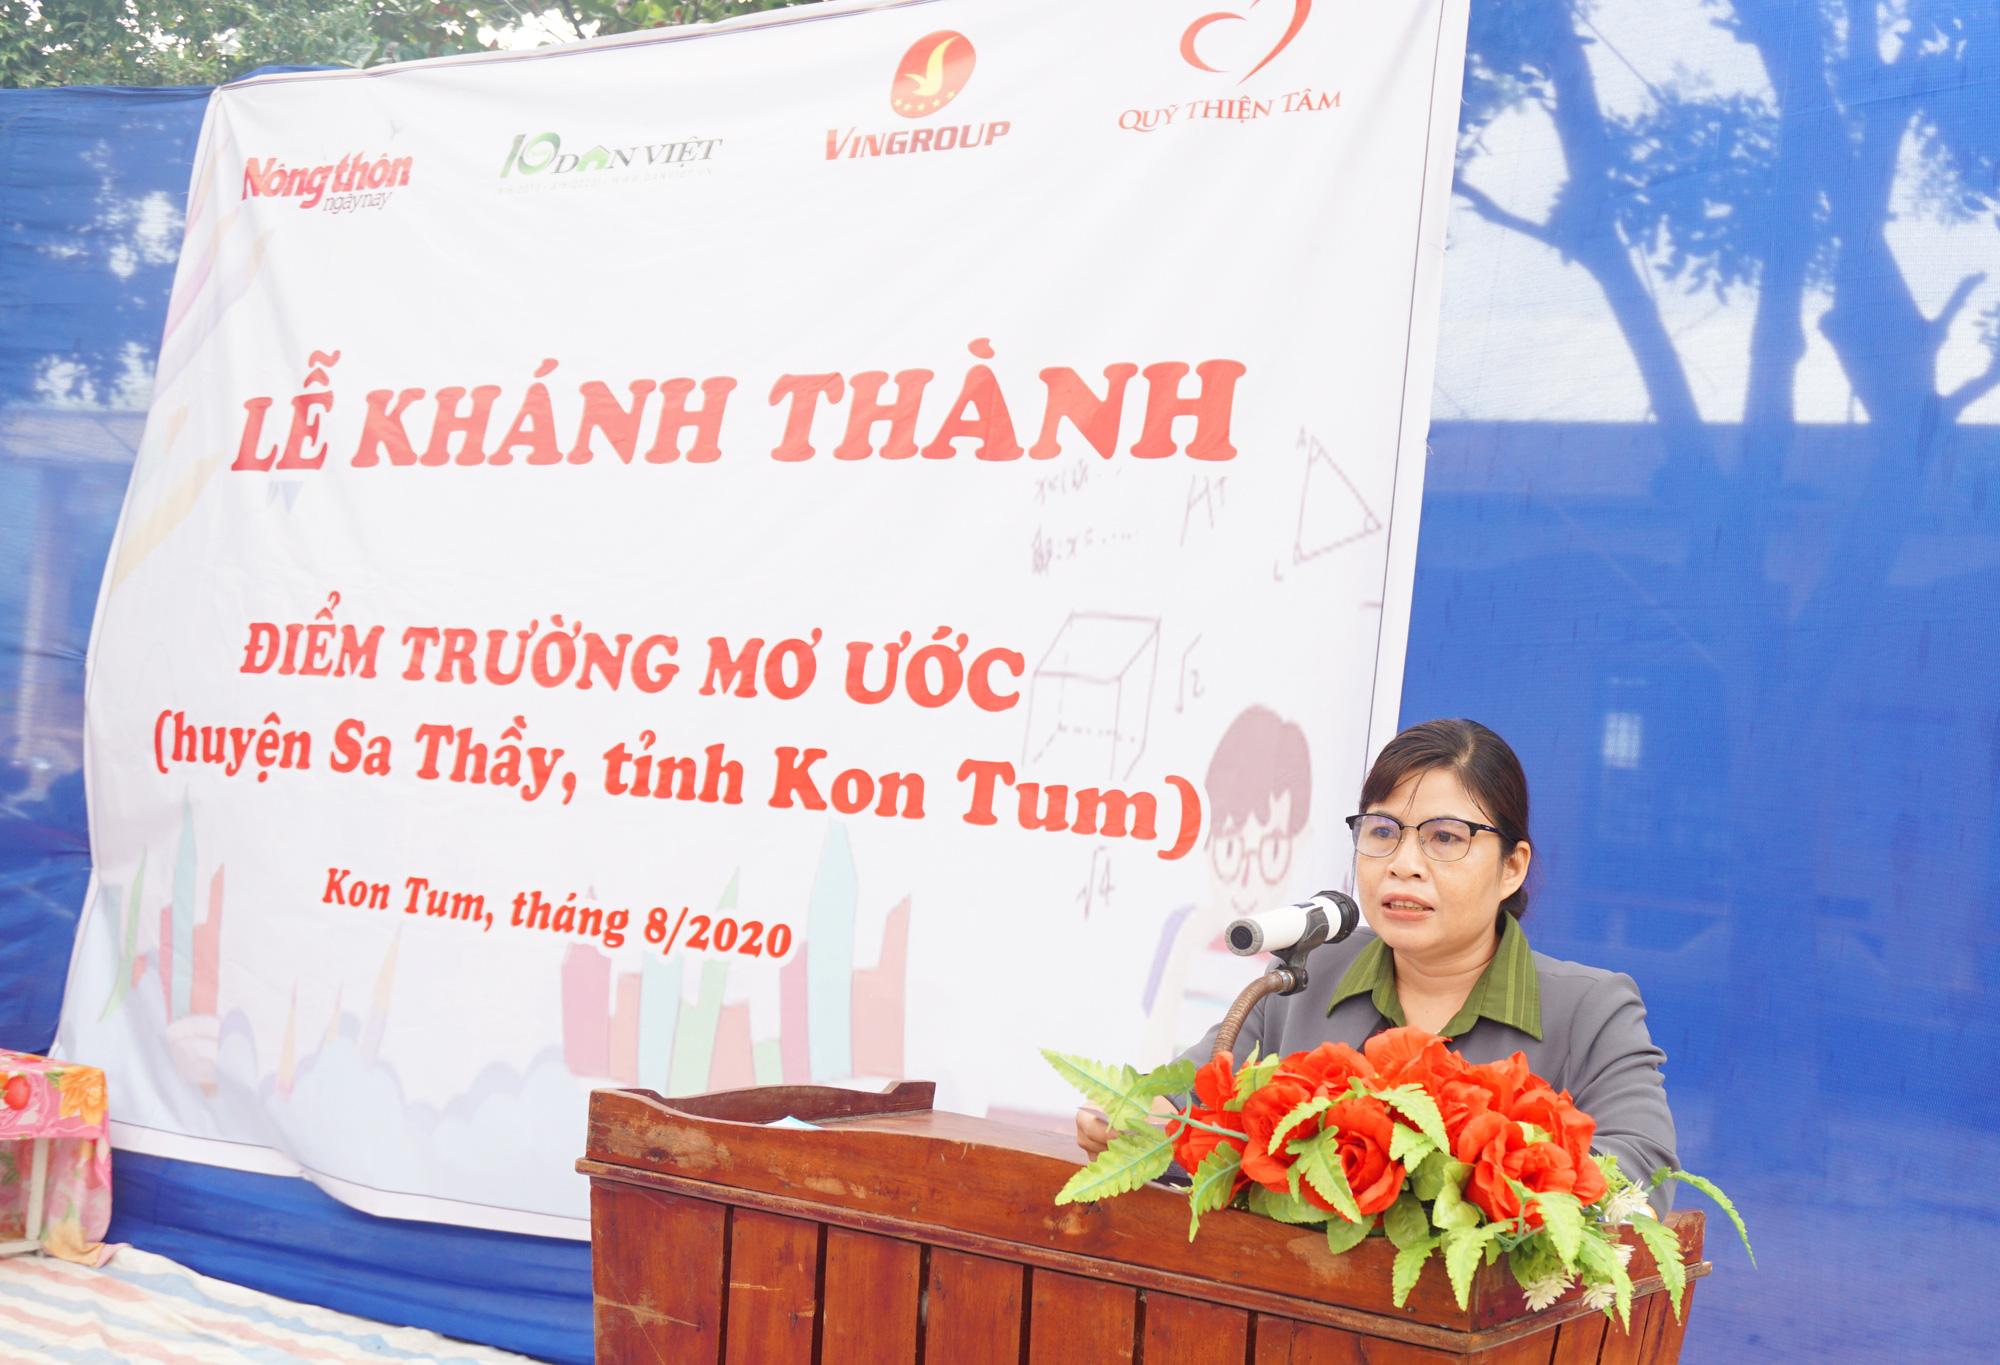 """Báo NTNN/Dân Việt - Quỹ Thiện Tâm khánh thành """"Điểm trường mơ ước"""" tại Kon Tum - Ảnh 3."""